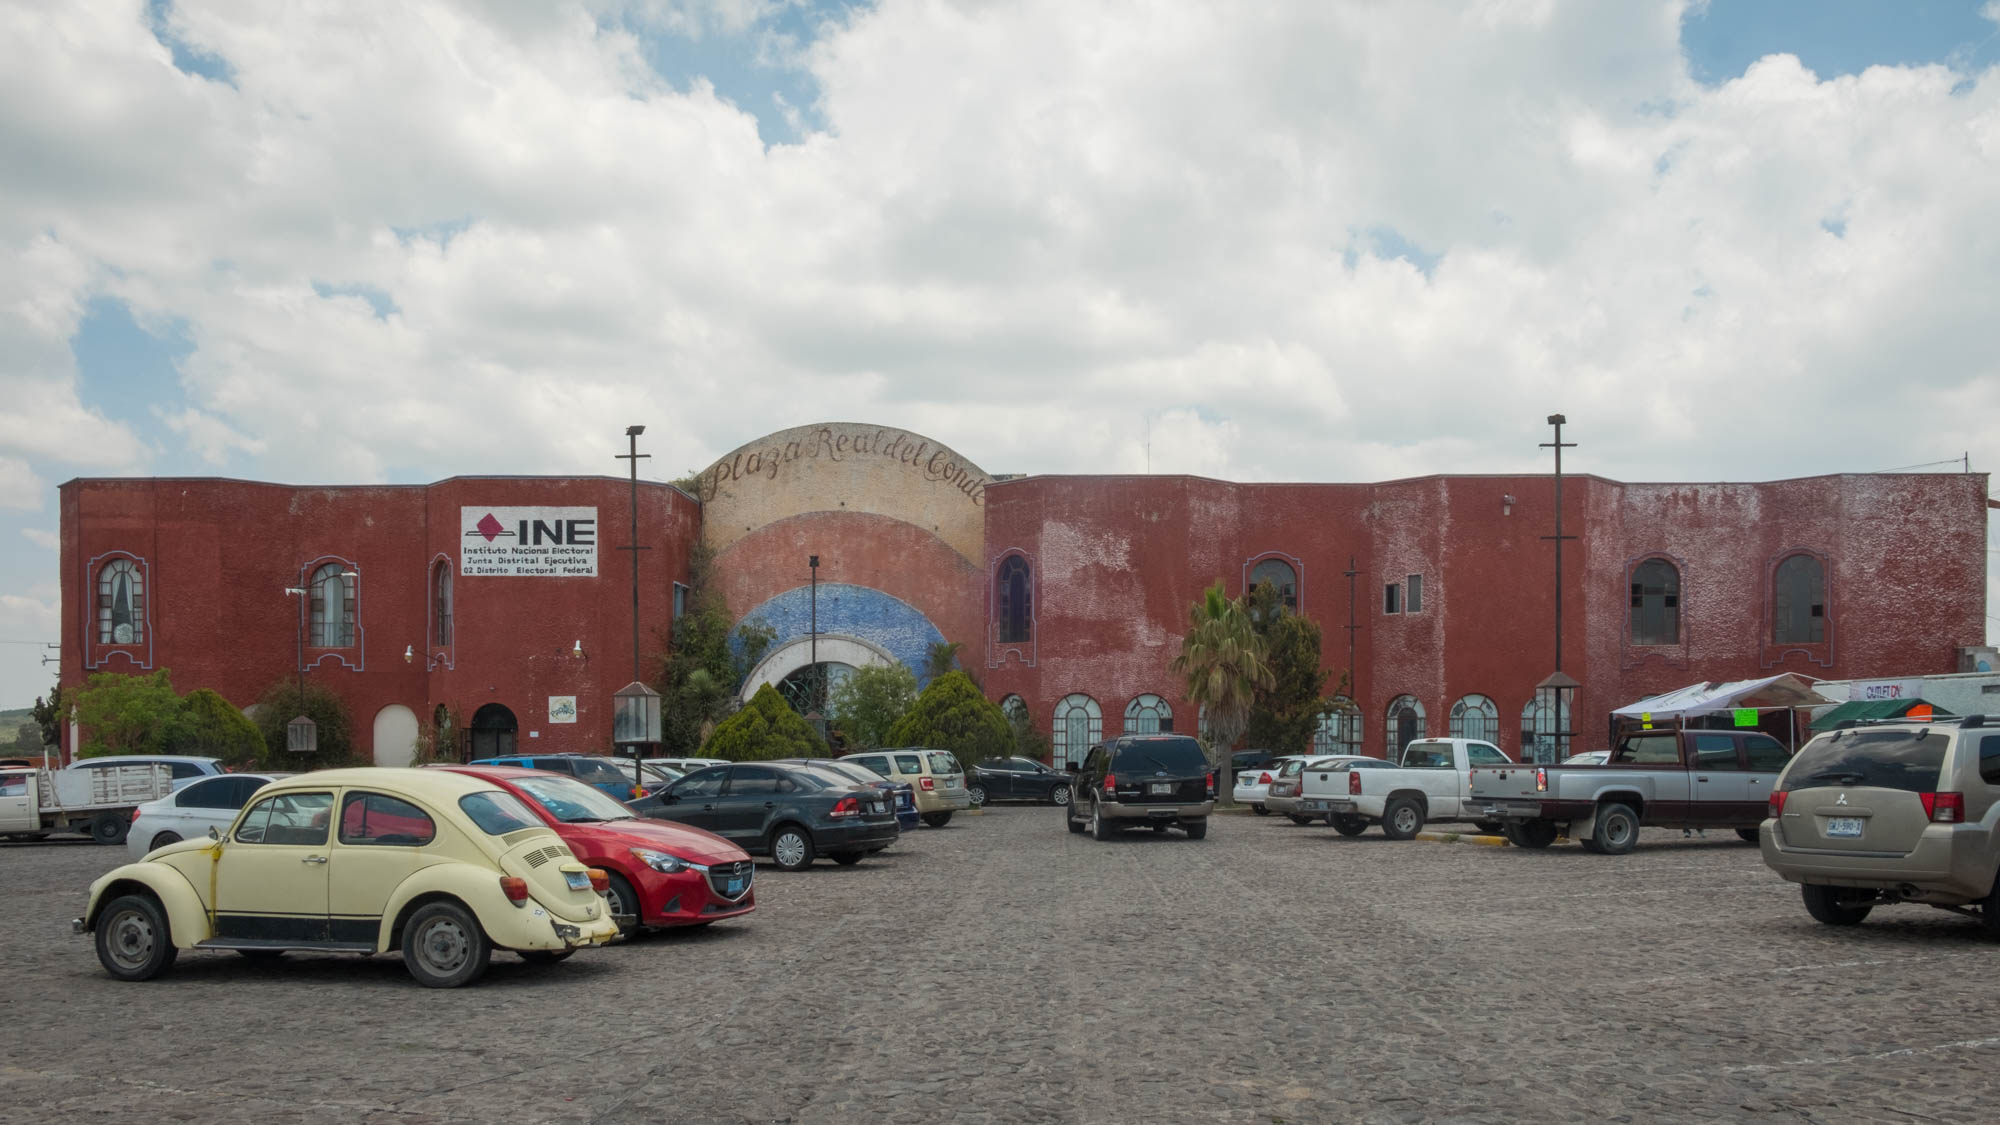 Mexico_SMA_Plaza el Real del Conde (4 of 39).jpg